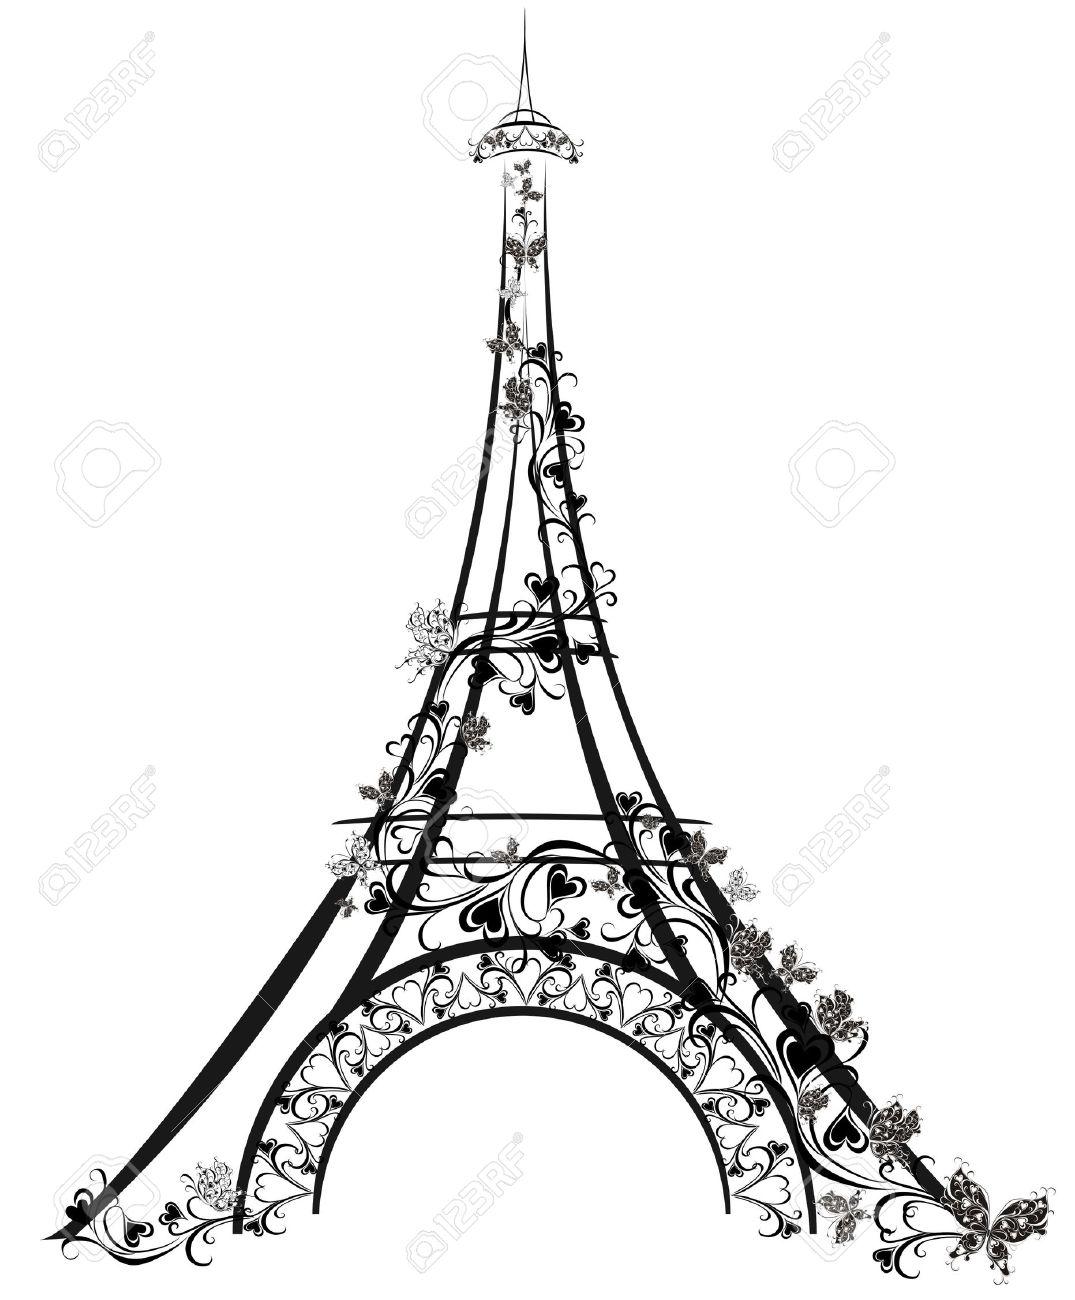 1075x1300 Eiffel Tower, Paris, France Royalty Free Cliparts, Vectors,